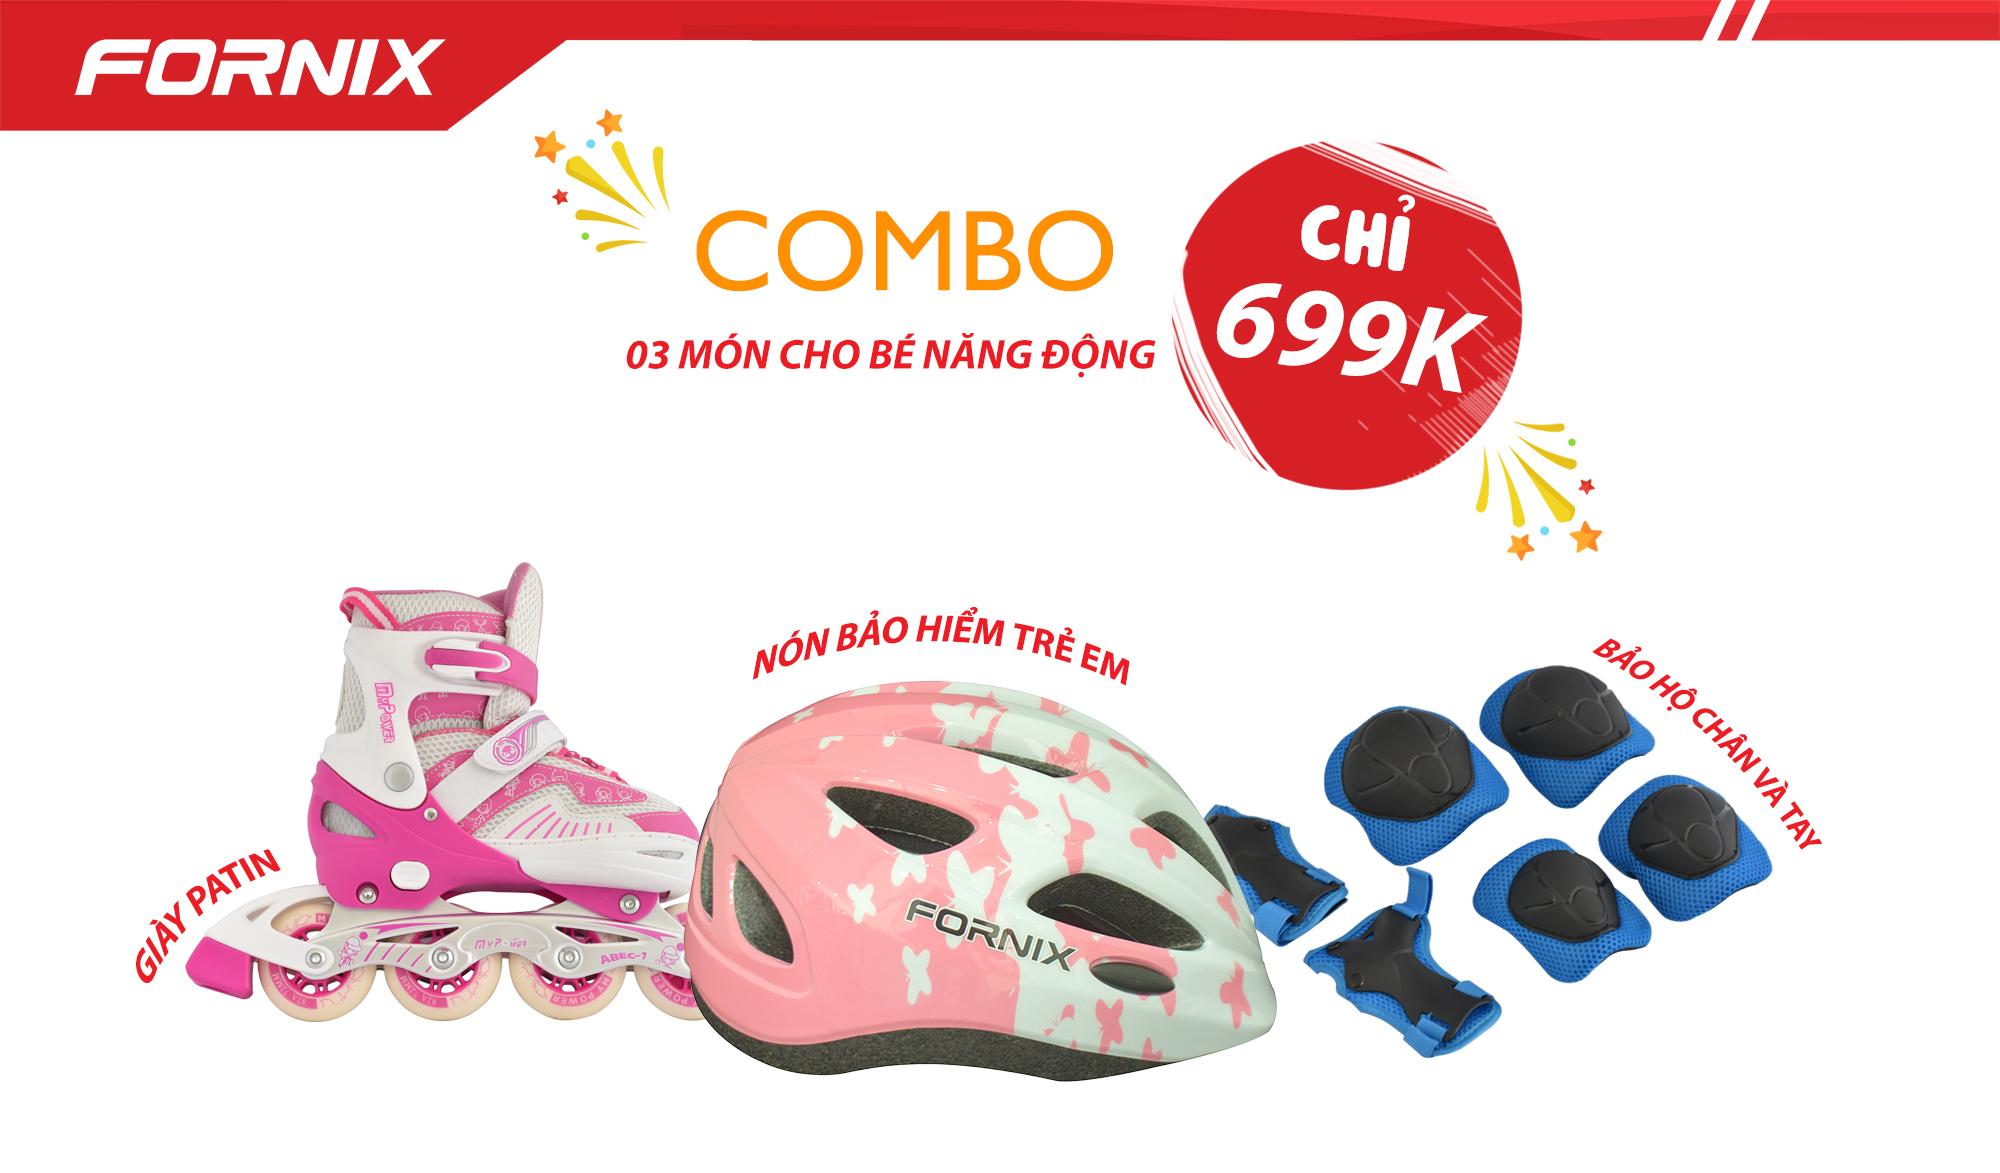 Giá bán COMBO THỂ THAO TRẺ EM - Nón bảo hiểm A03NM13S + Giày Patin + Đồ bảo hộ